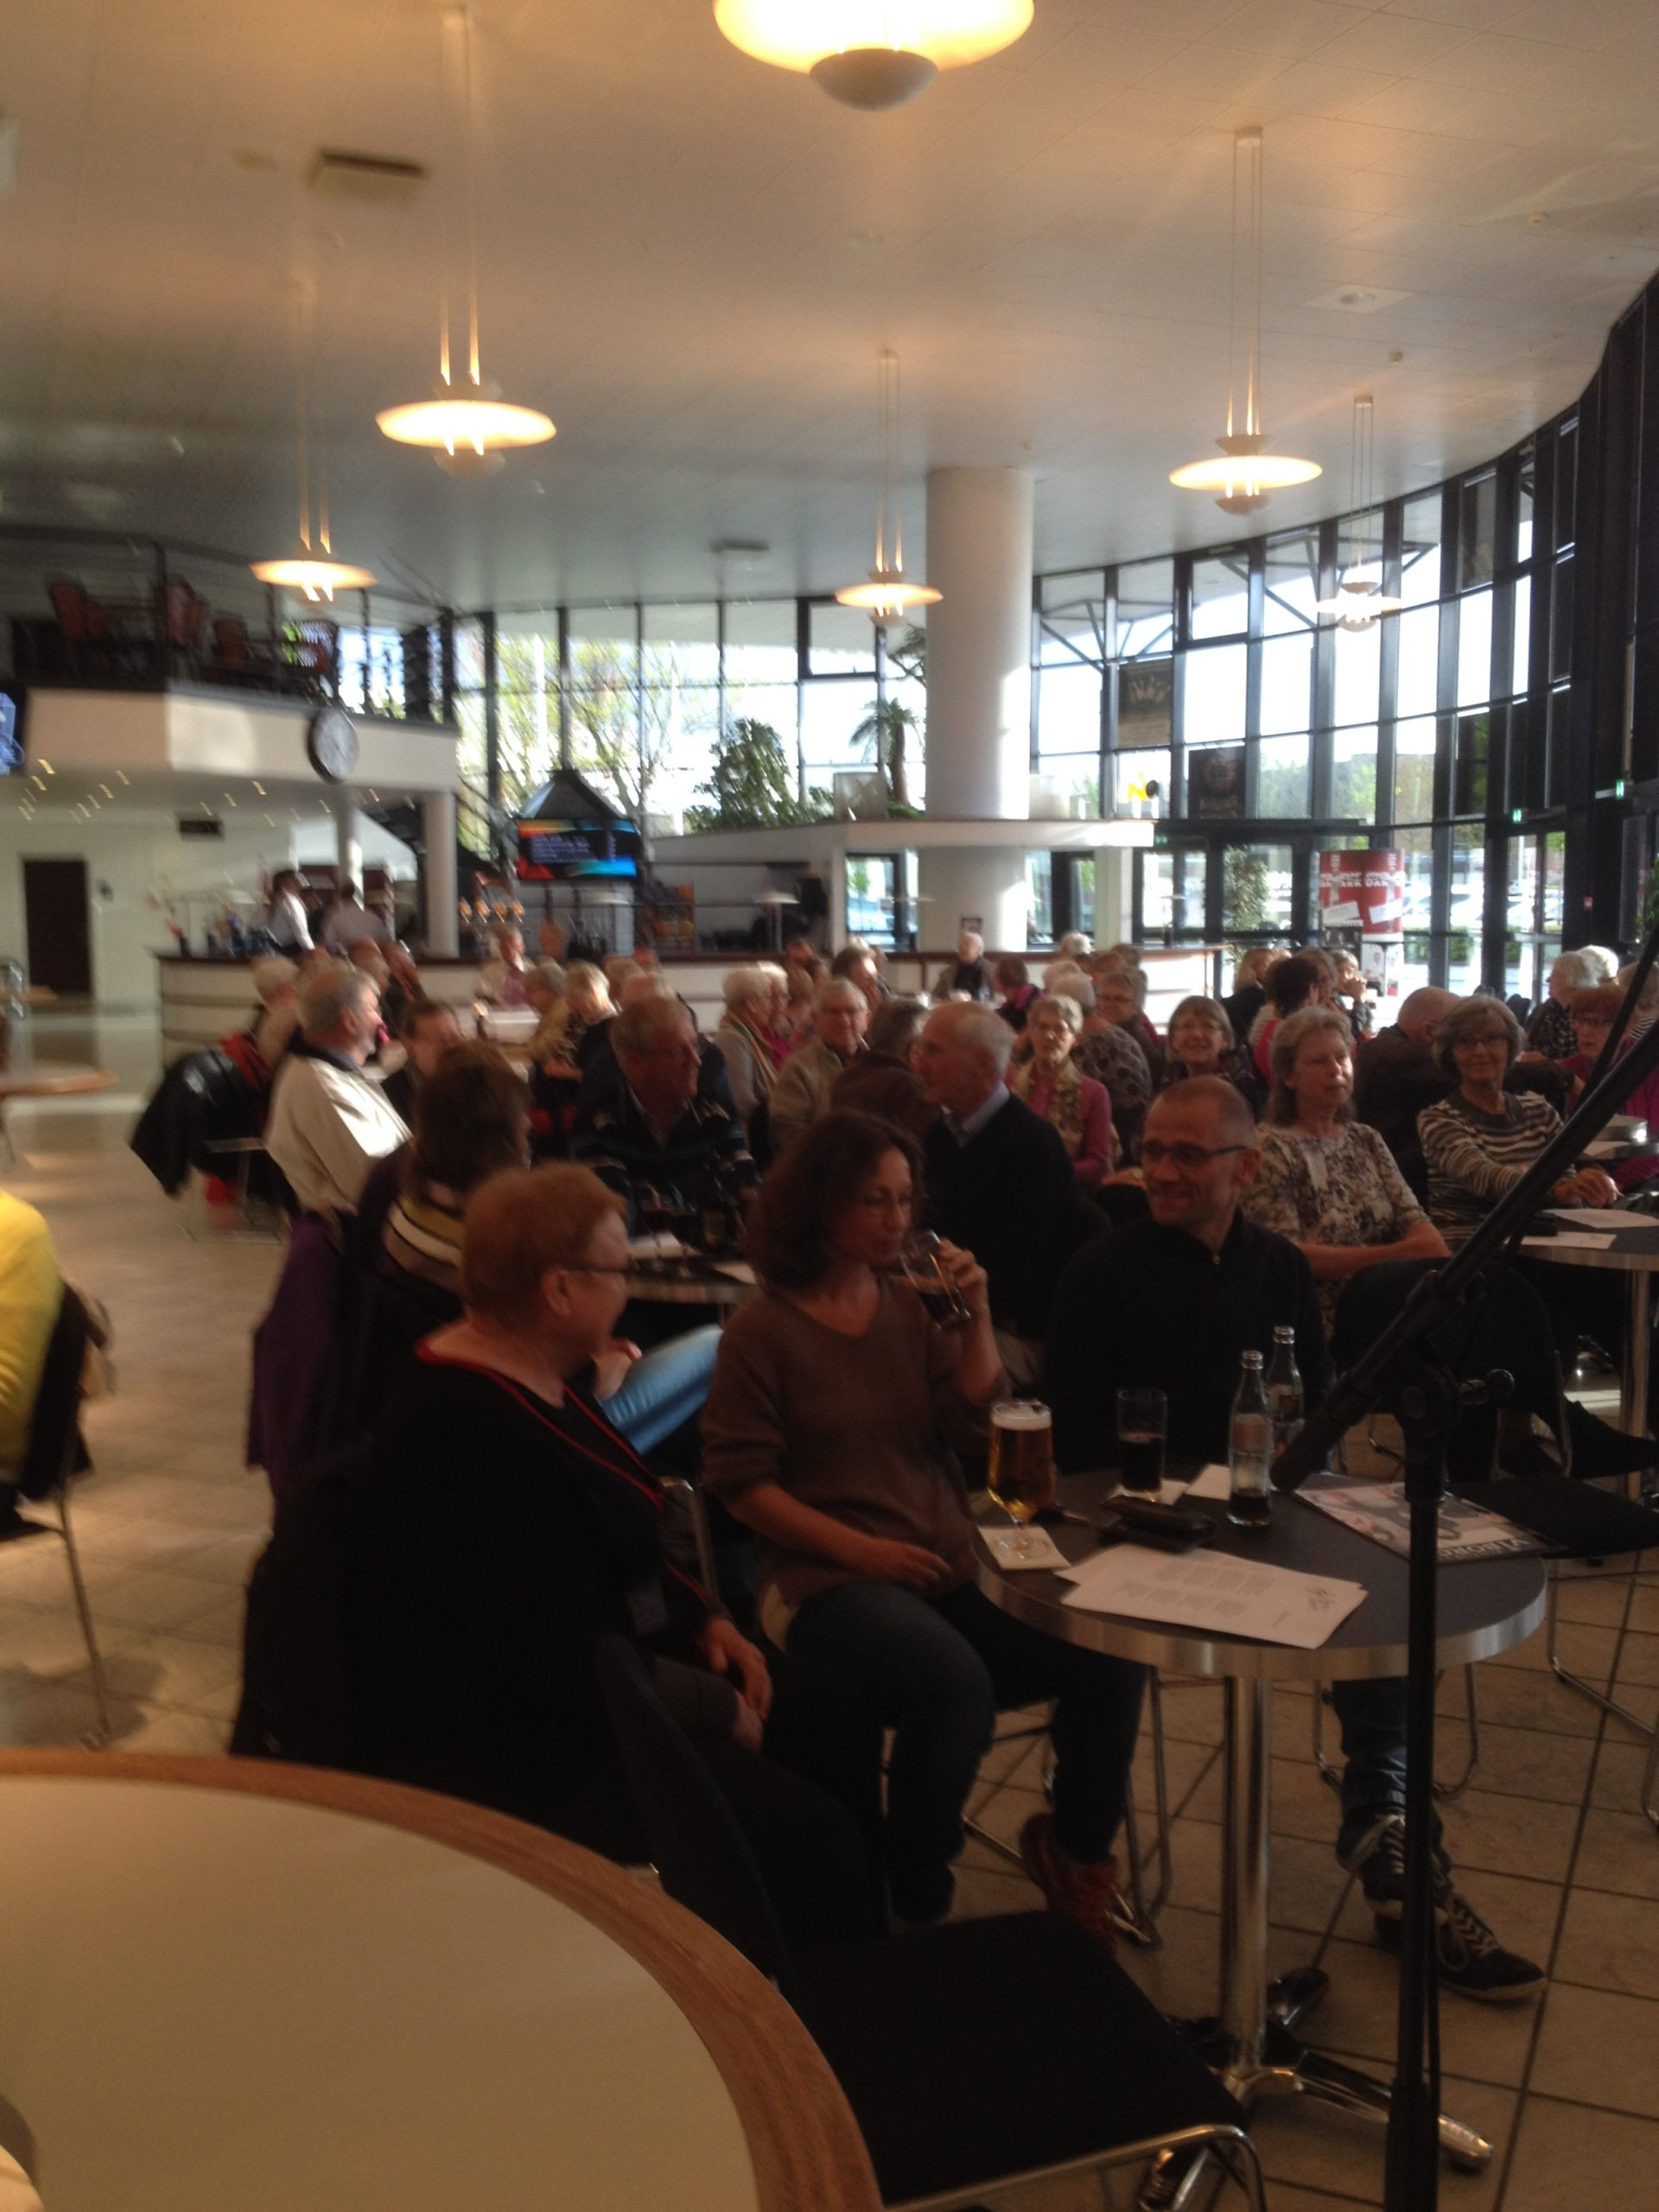 Forårskoncert i Foyeren, Tinghallen 19.05.2015